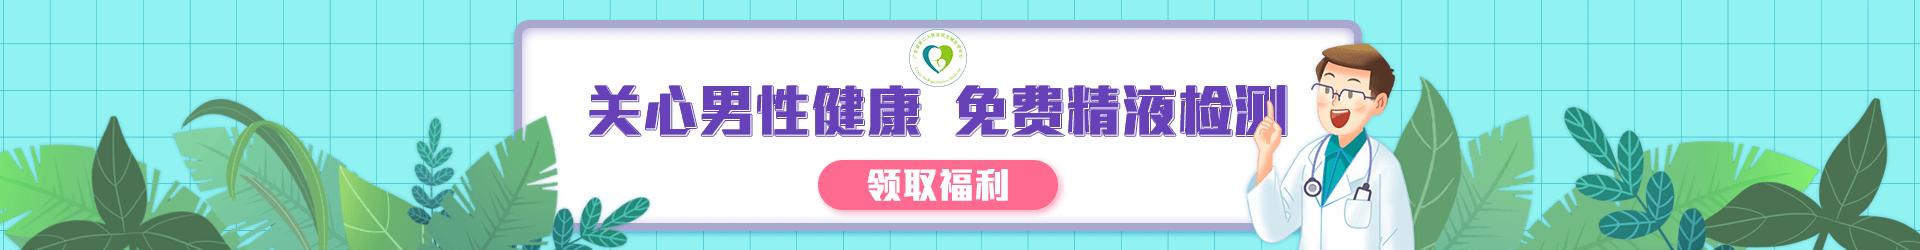 新疆时时彩网上投注pa6.com